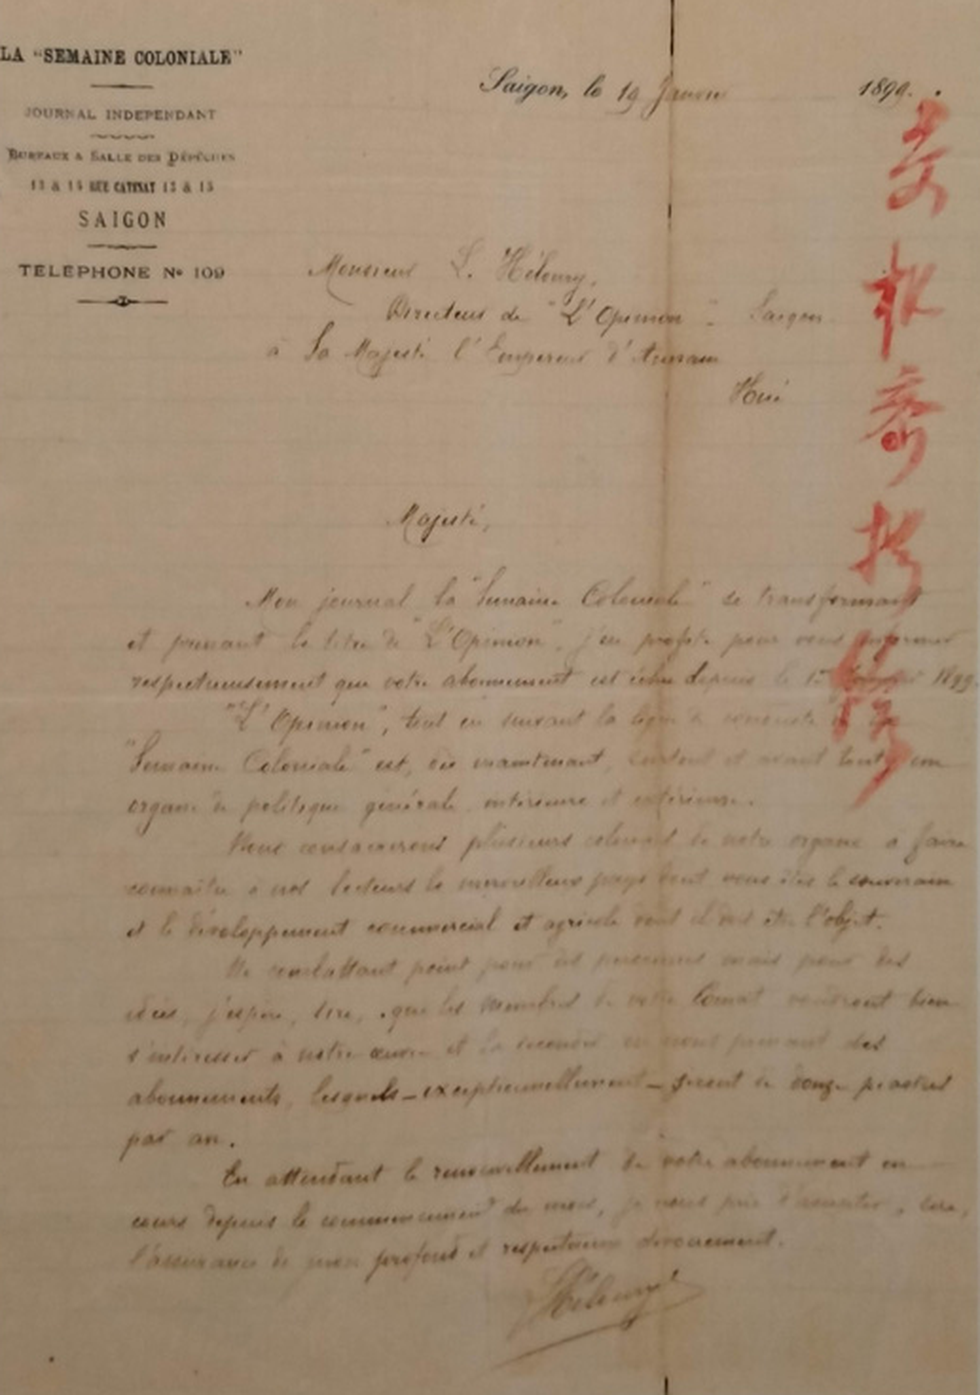 Xem cách hoàng đế triều Nguyễn trừ quan tham, nuôi dưỡng chúng dân - Ảnh 13.